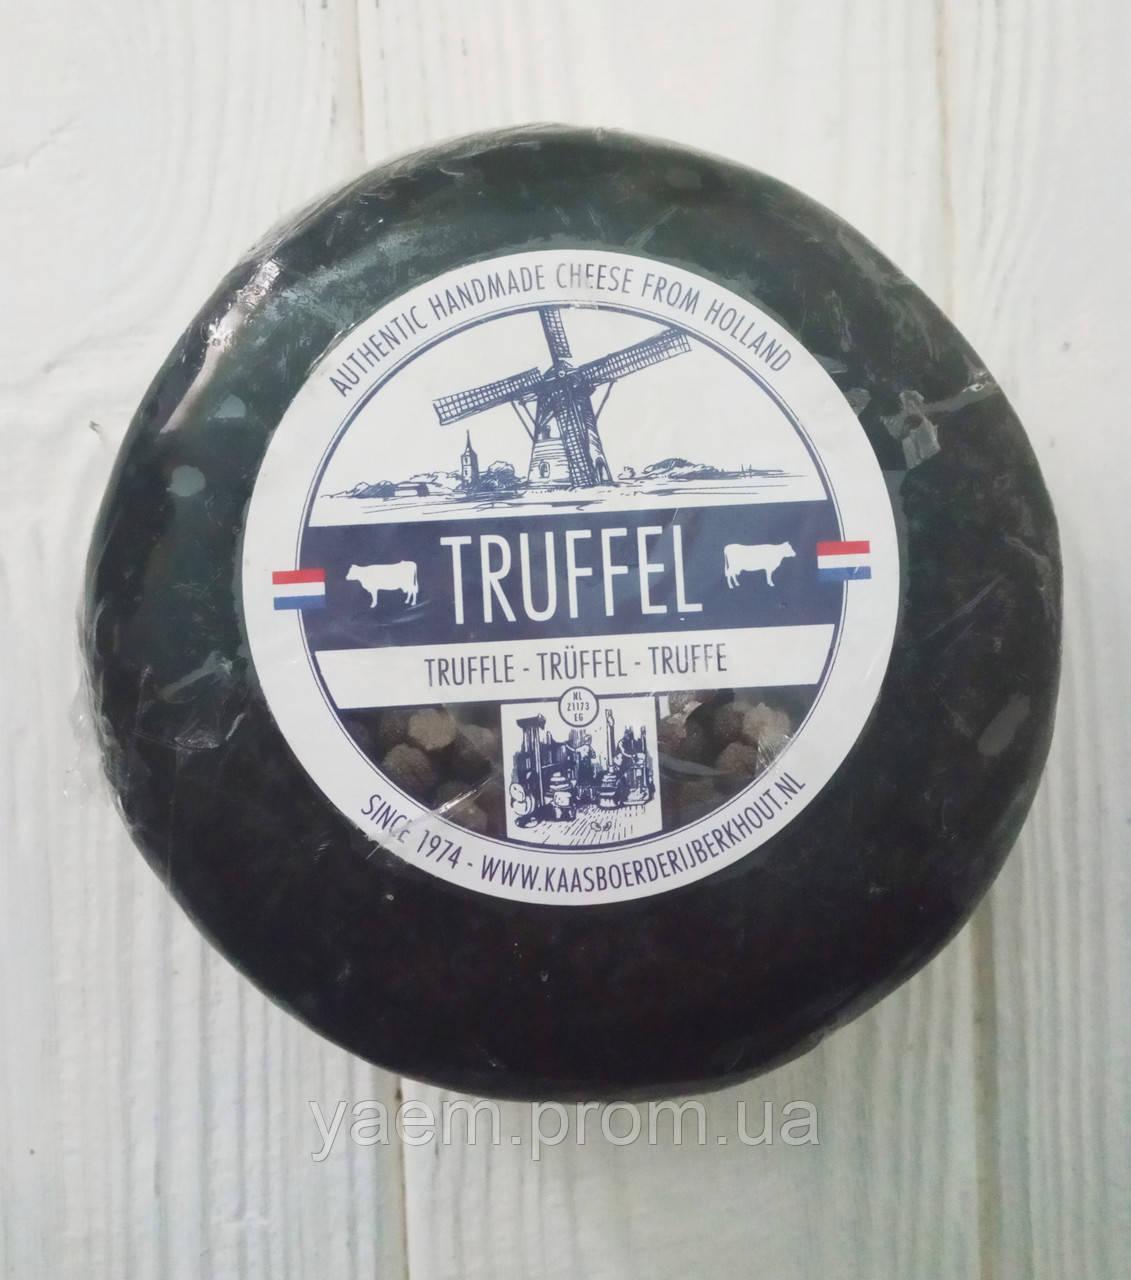 Голландский сыр ручной работы с трюфелем Truffel (Нидерланды)